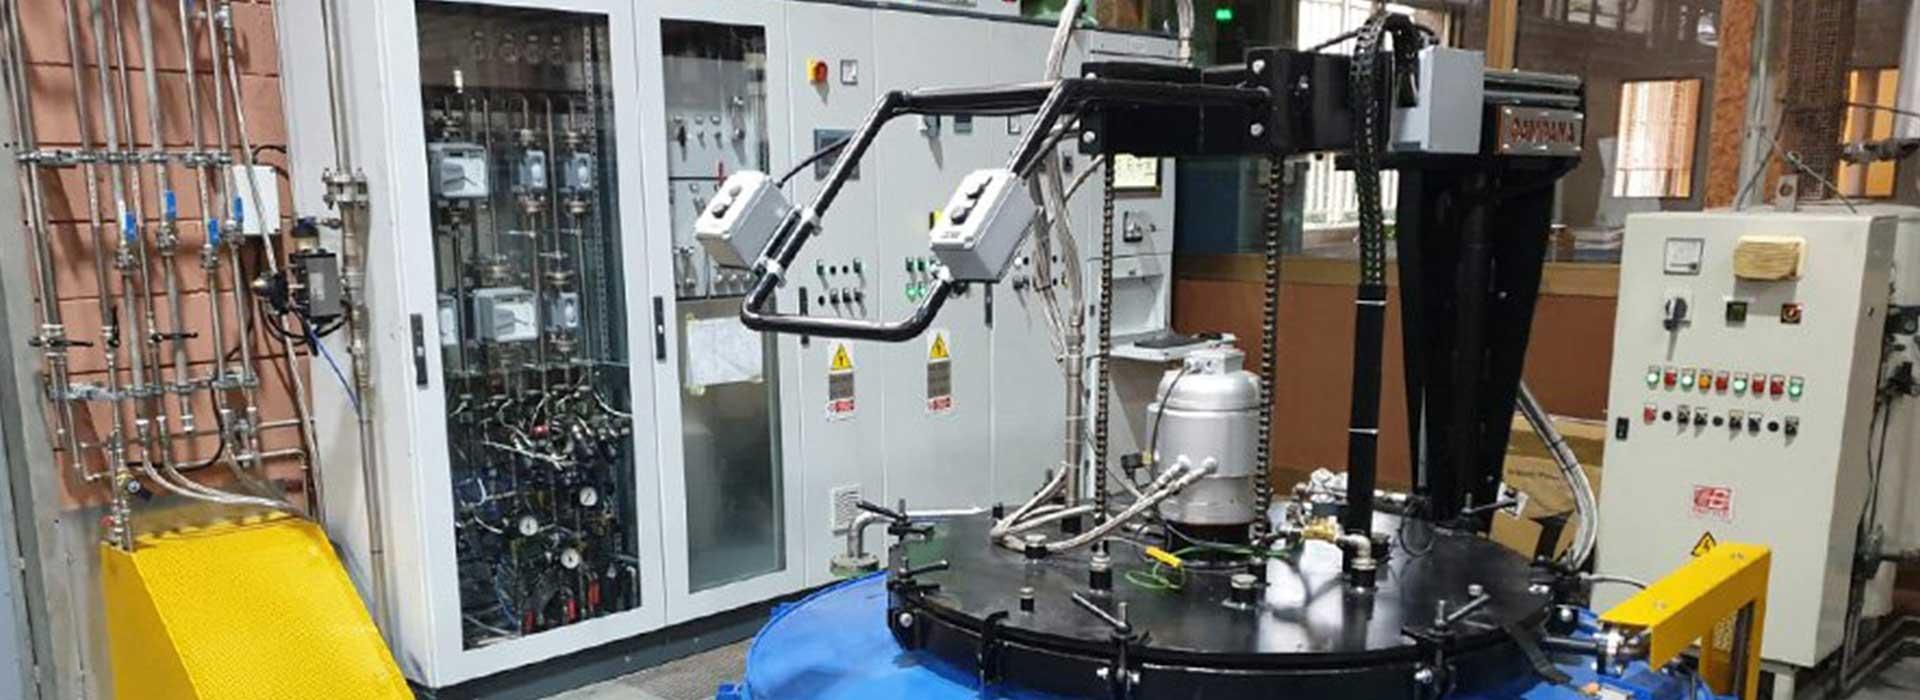 campana forni macchinario industriale